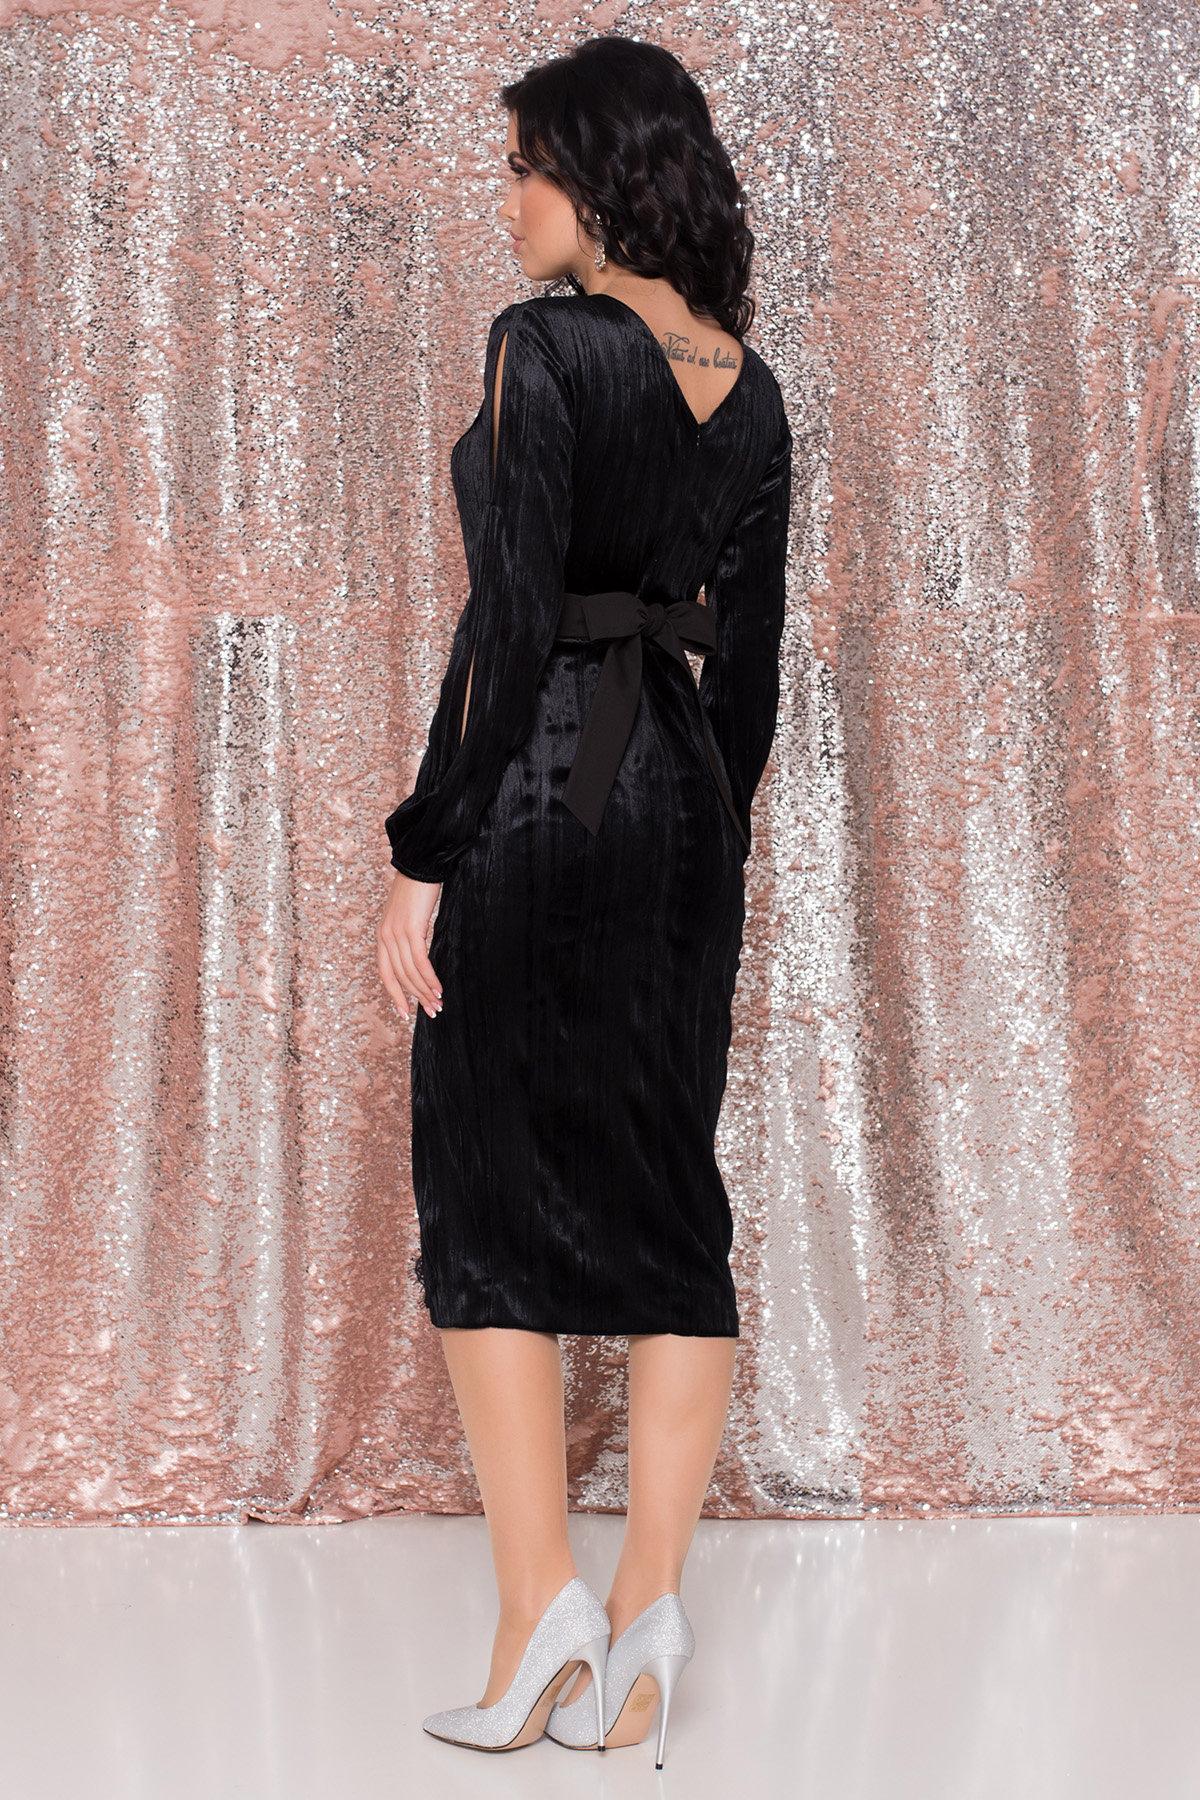 Велюровое платье-миди длины Блек 8652 АРТ. 44974 Цвет: Черный - фото 5, интернет магазин tm-modus.ru